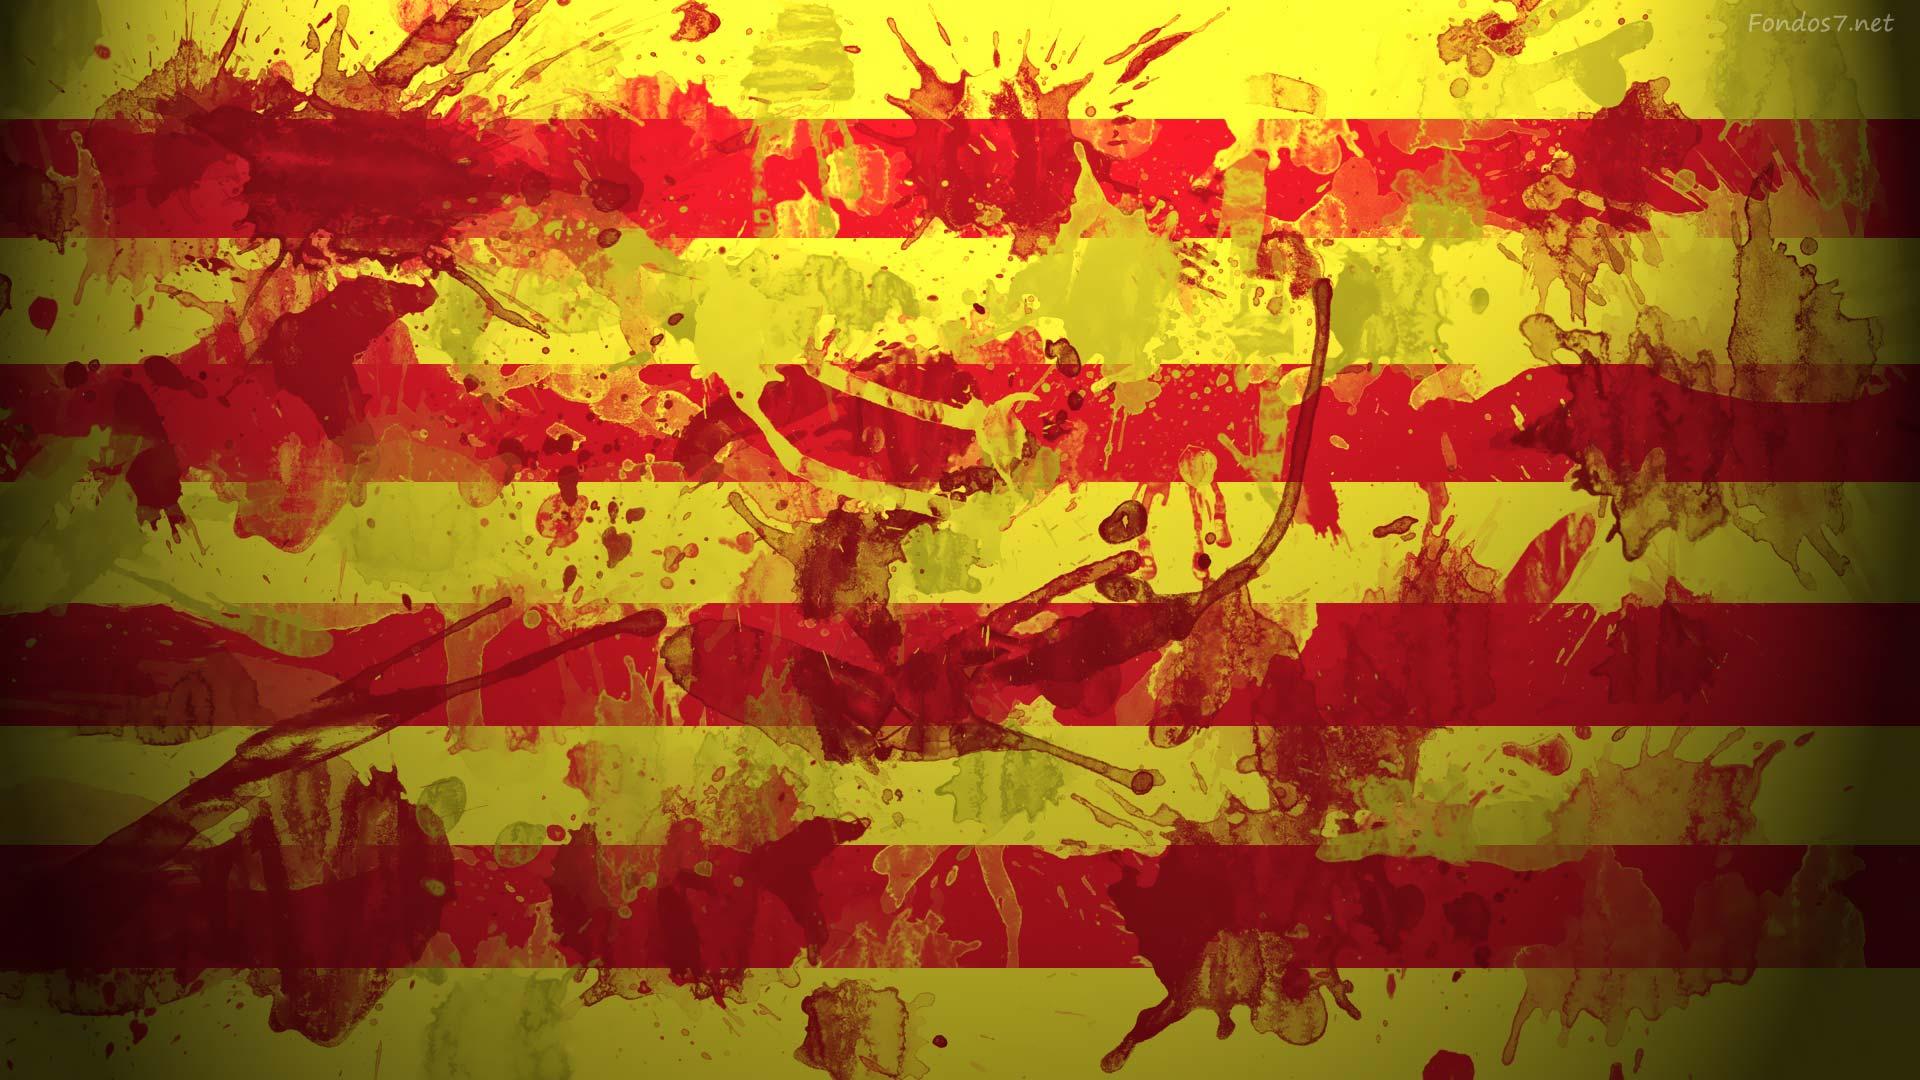 derecho_cataluña_secesion_independencia